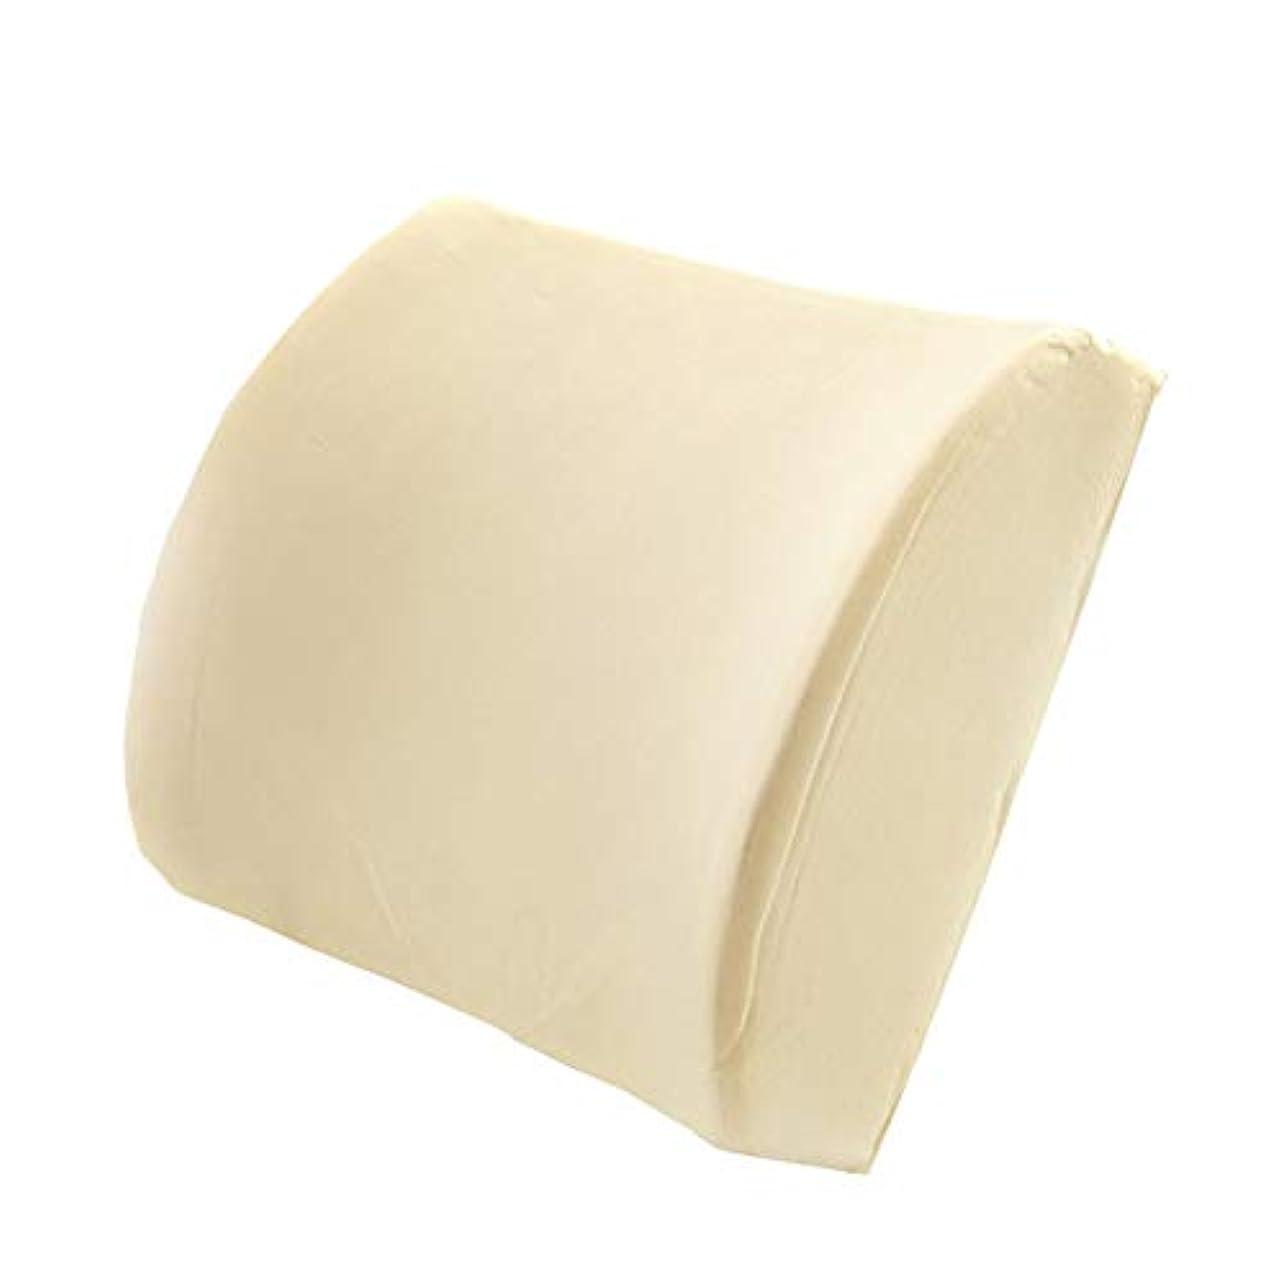 開業医西破滅サポート腰椎枕スペースメモリ綿腰椎腰肥厚オフィスクッションカーウエスト枕